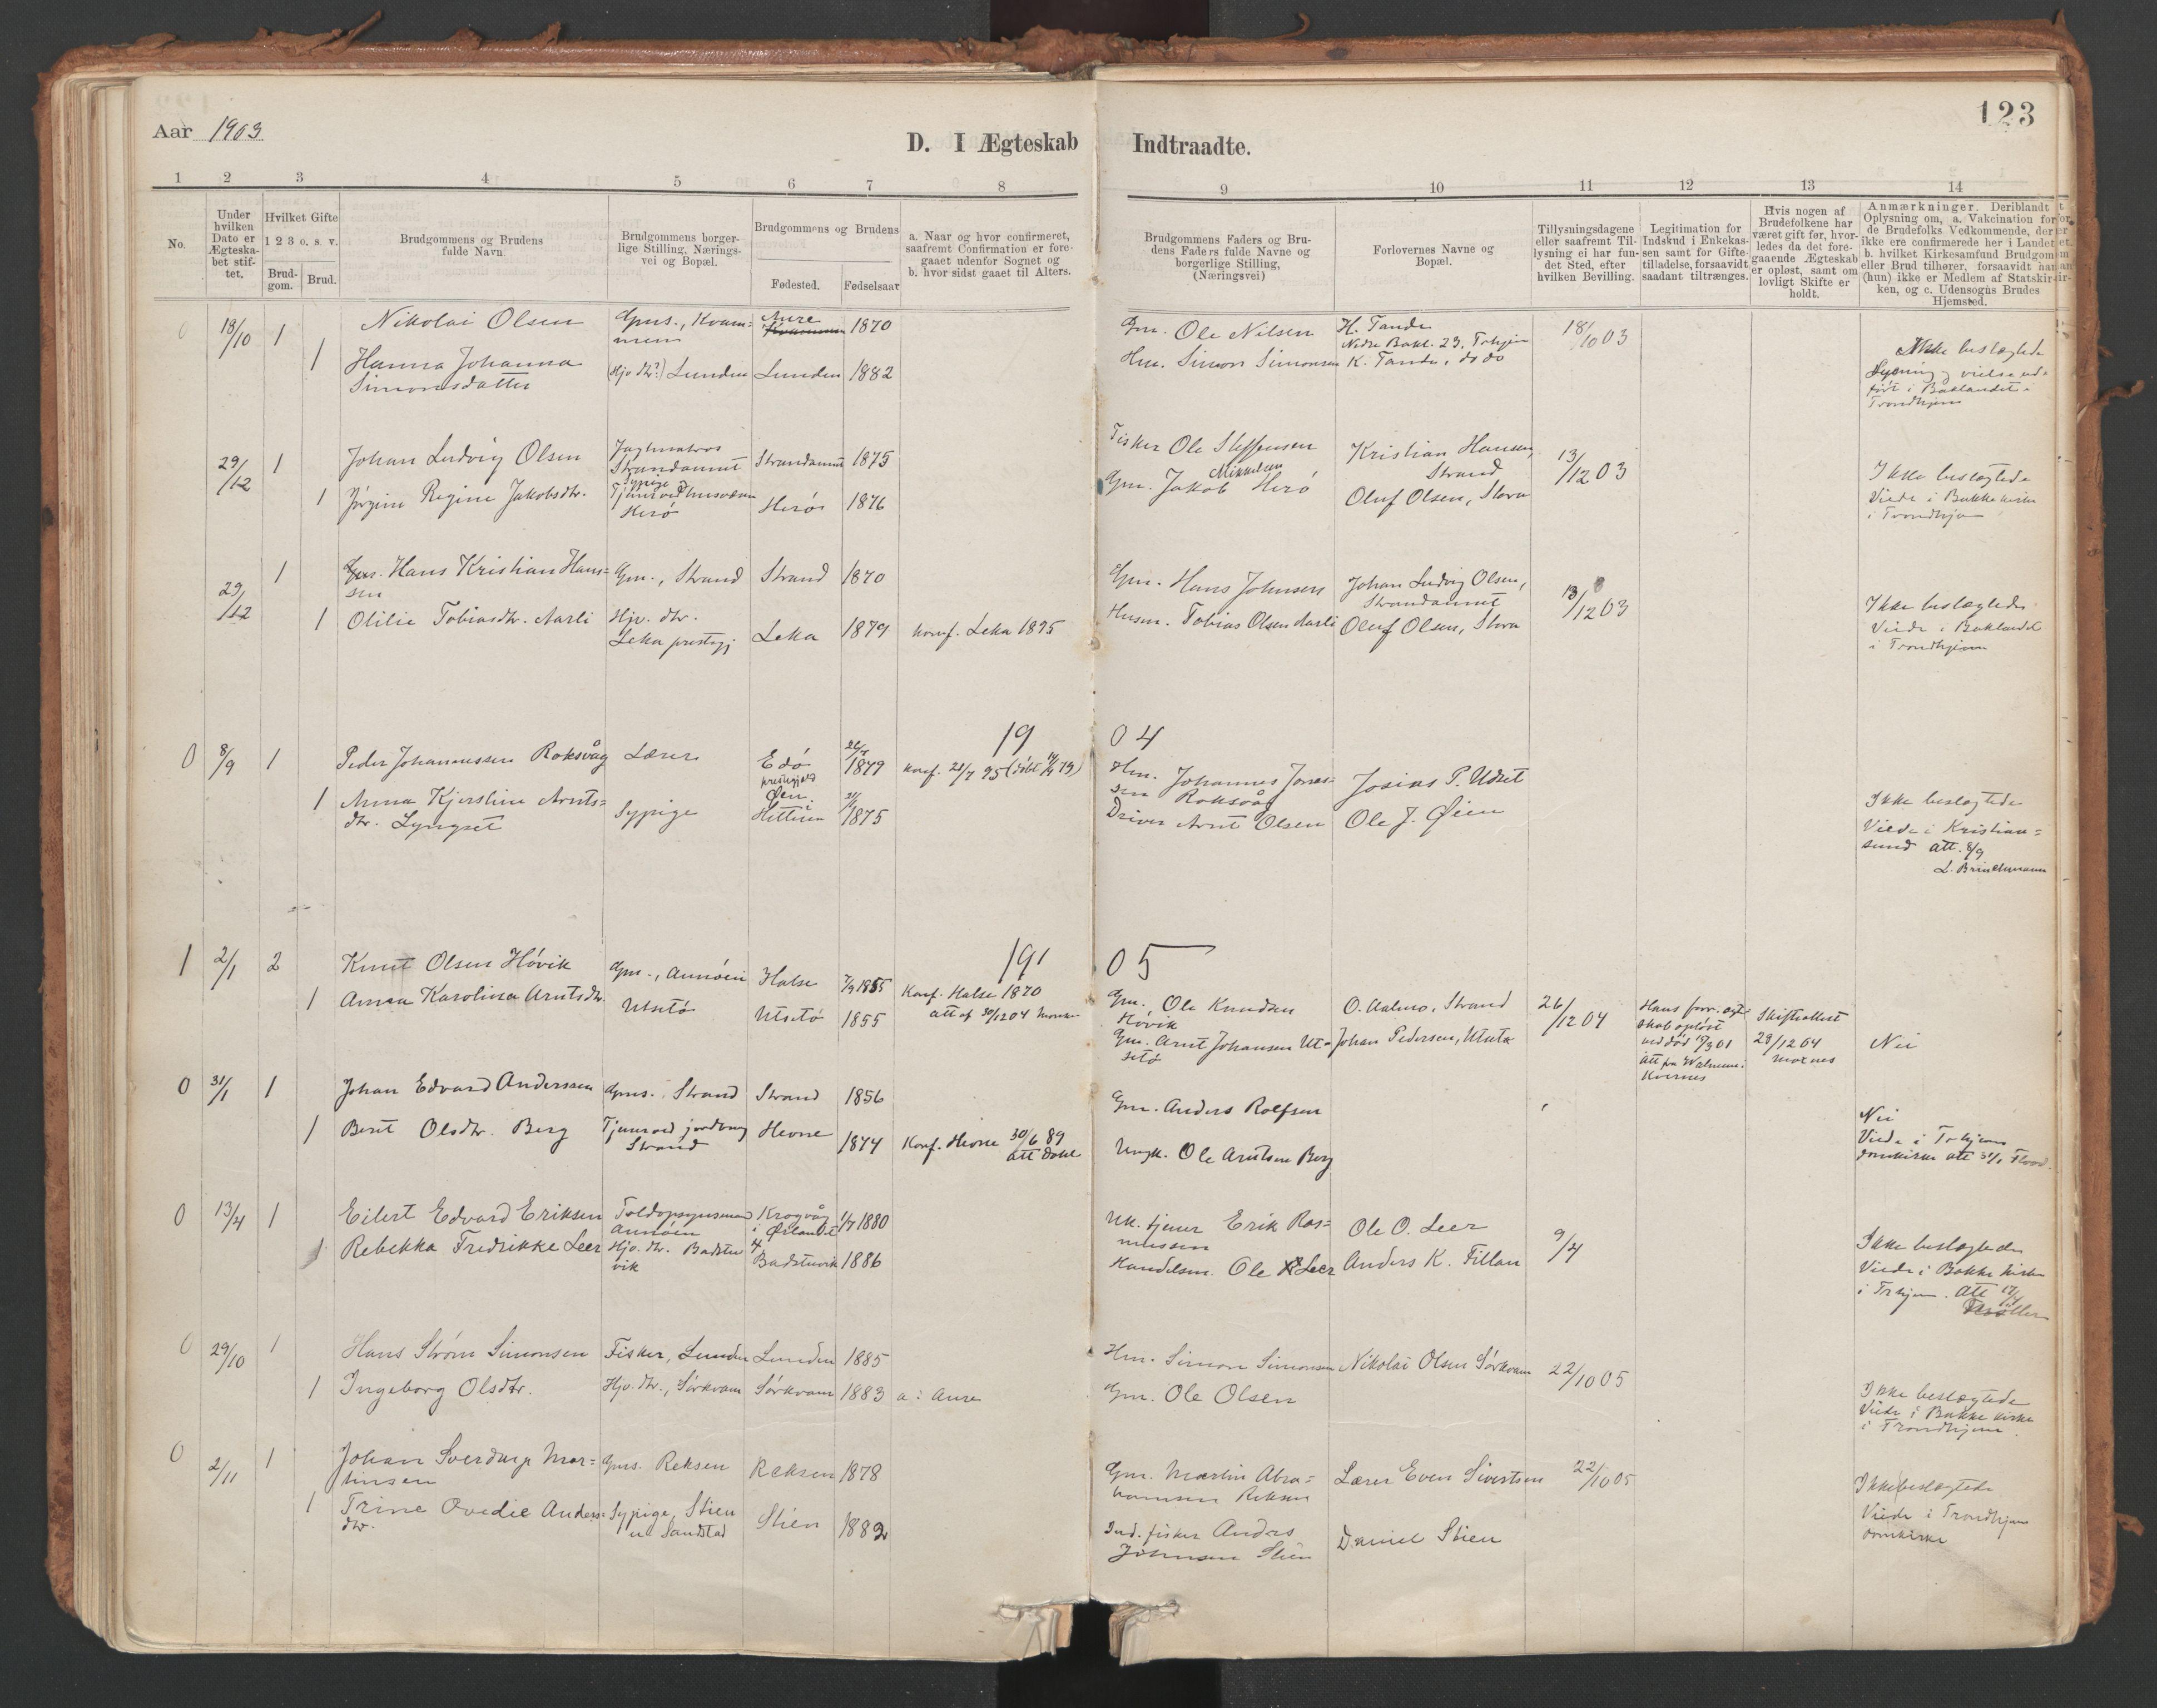 SAT, Ministerialprotokoller, klokkerbøker og fødselsregistre - Sør-Trøndelag, 639/L0572: Ministerialbok nr. 639A01, 1890-1920, s. 123